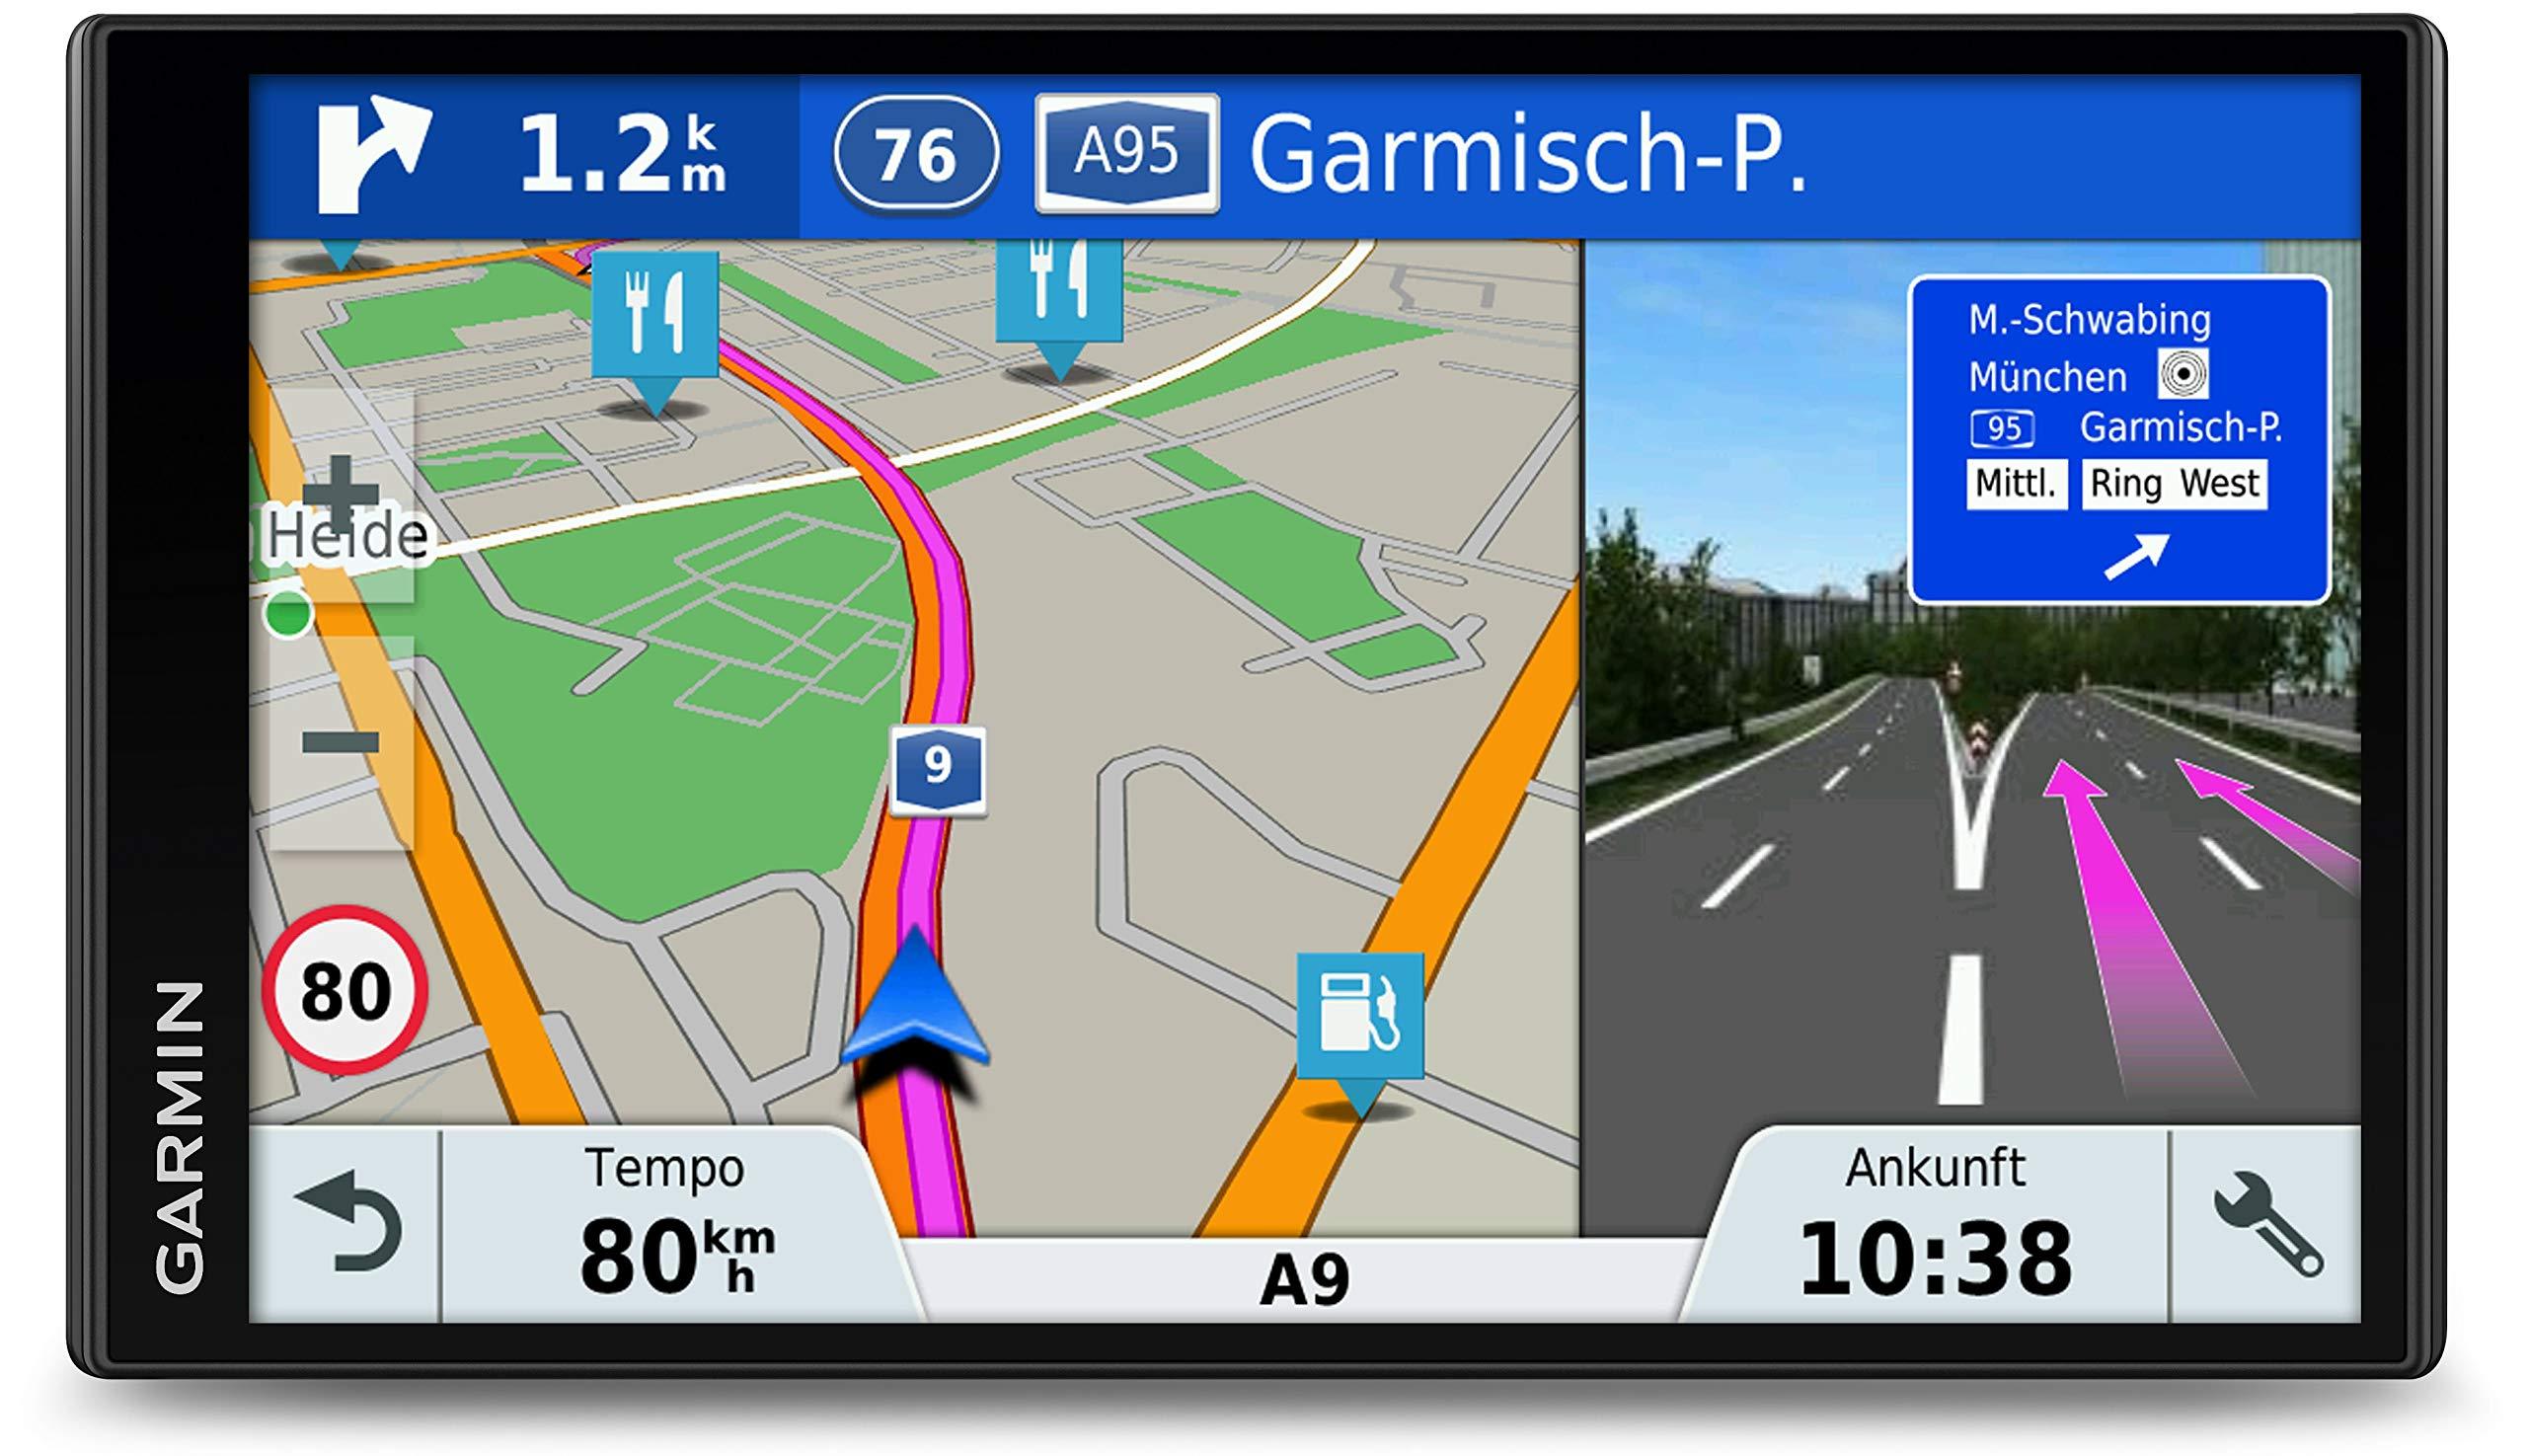 Garmin-Drive-Smart-61-LMT-D-EU-Navigationsgert-Europa-Karte-lebenslang-Kartenupdates-und-Verkehrsinfos-Smart-Notifications-695-Zoll-177-cm-Touchdisplay-Zertifiziert-und-Generalberholt